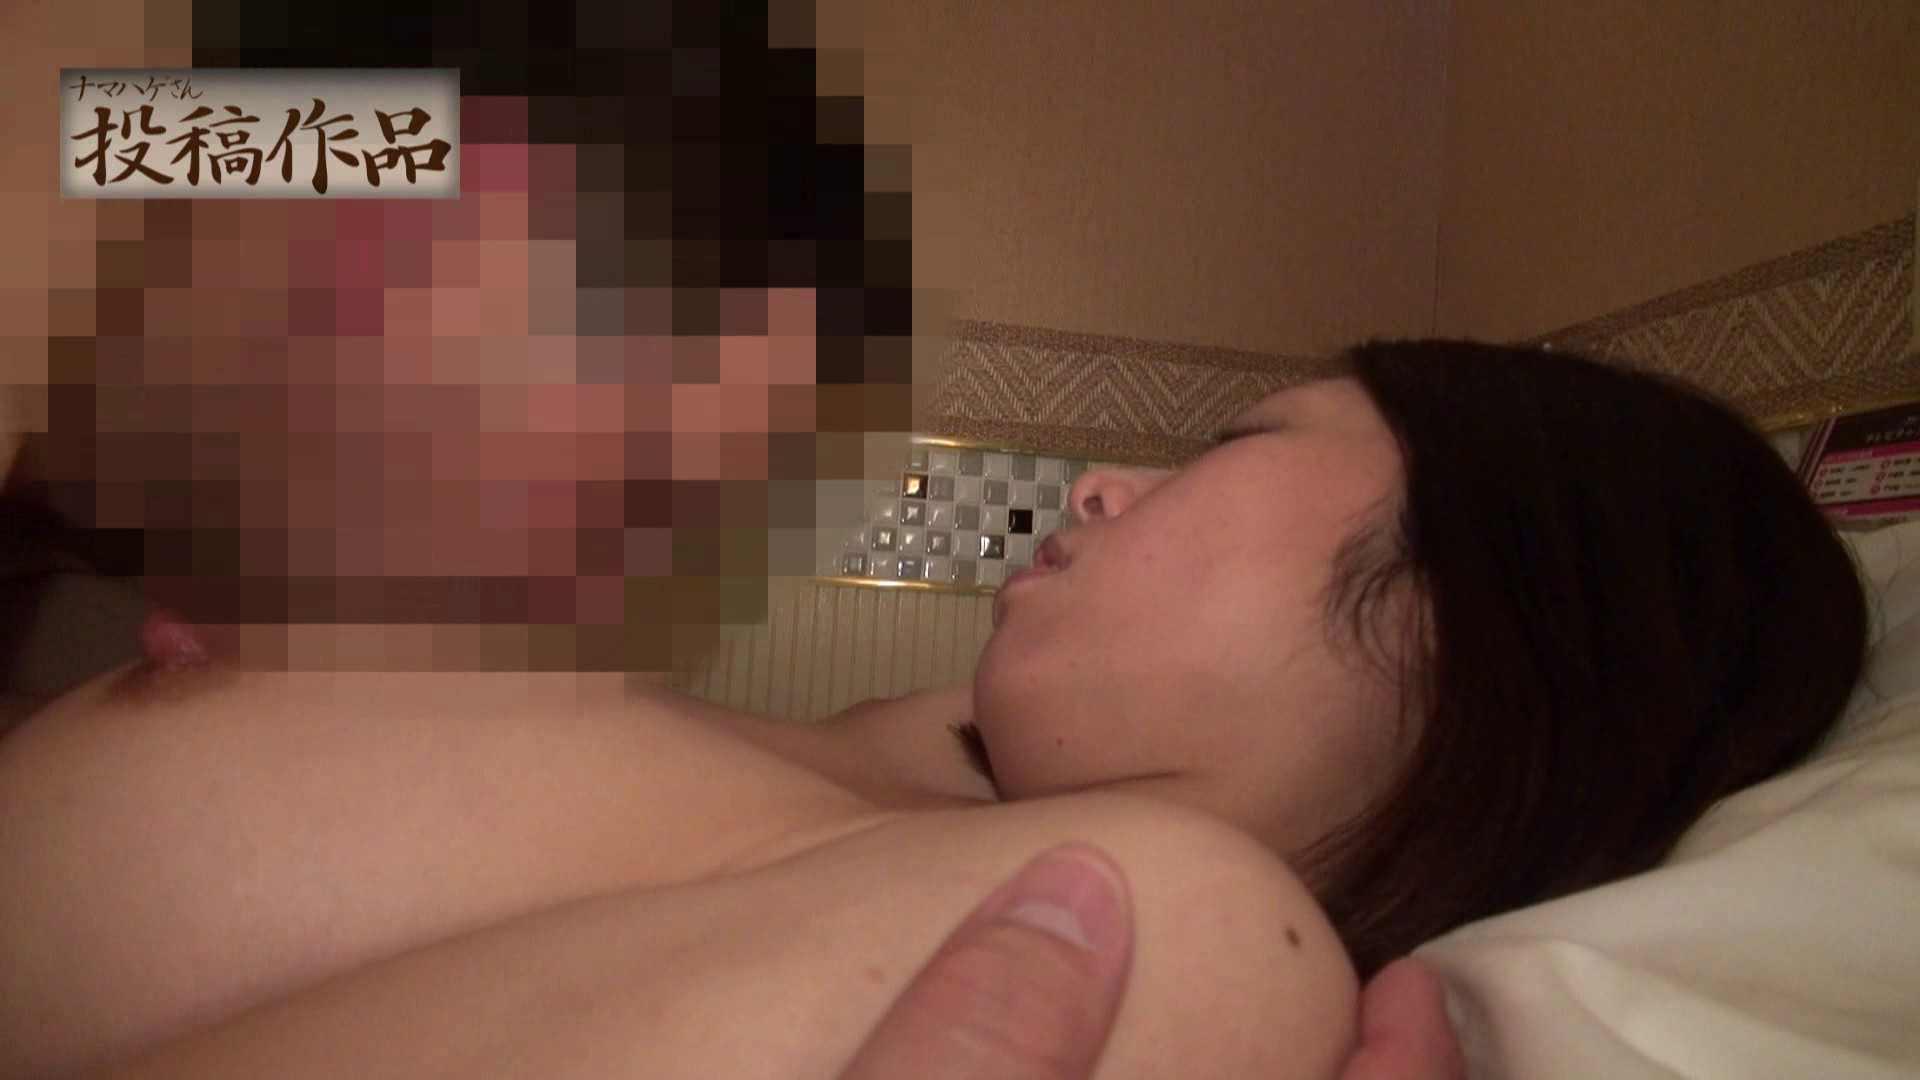 ナマハゲさんのまんこコレクション第二章 nao02 SEX AV無料動画キャプチャ 85pic 11